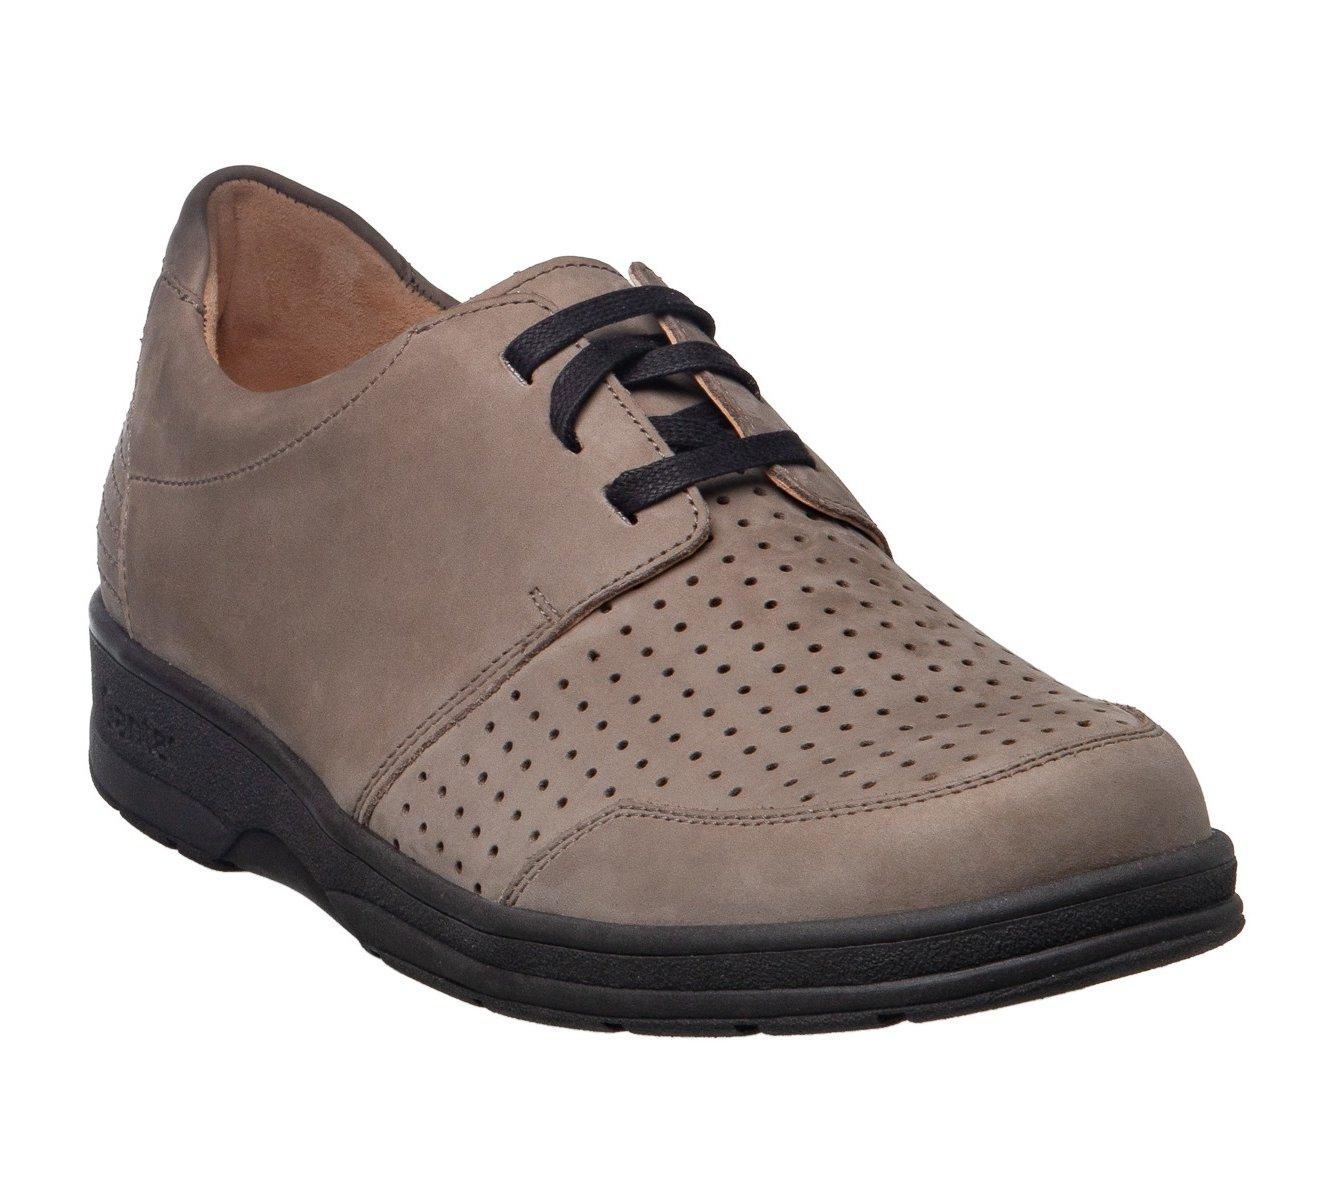 2c1c847f7c54e8 ᐈ Ортопедичні туфлі Hugo, Ganter (7-25 7518) — купить в Орто-Лайн